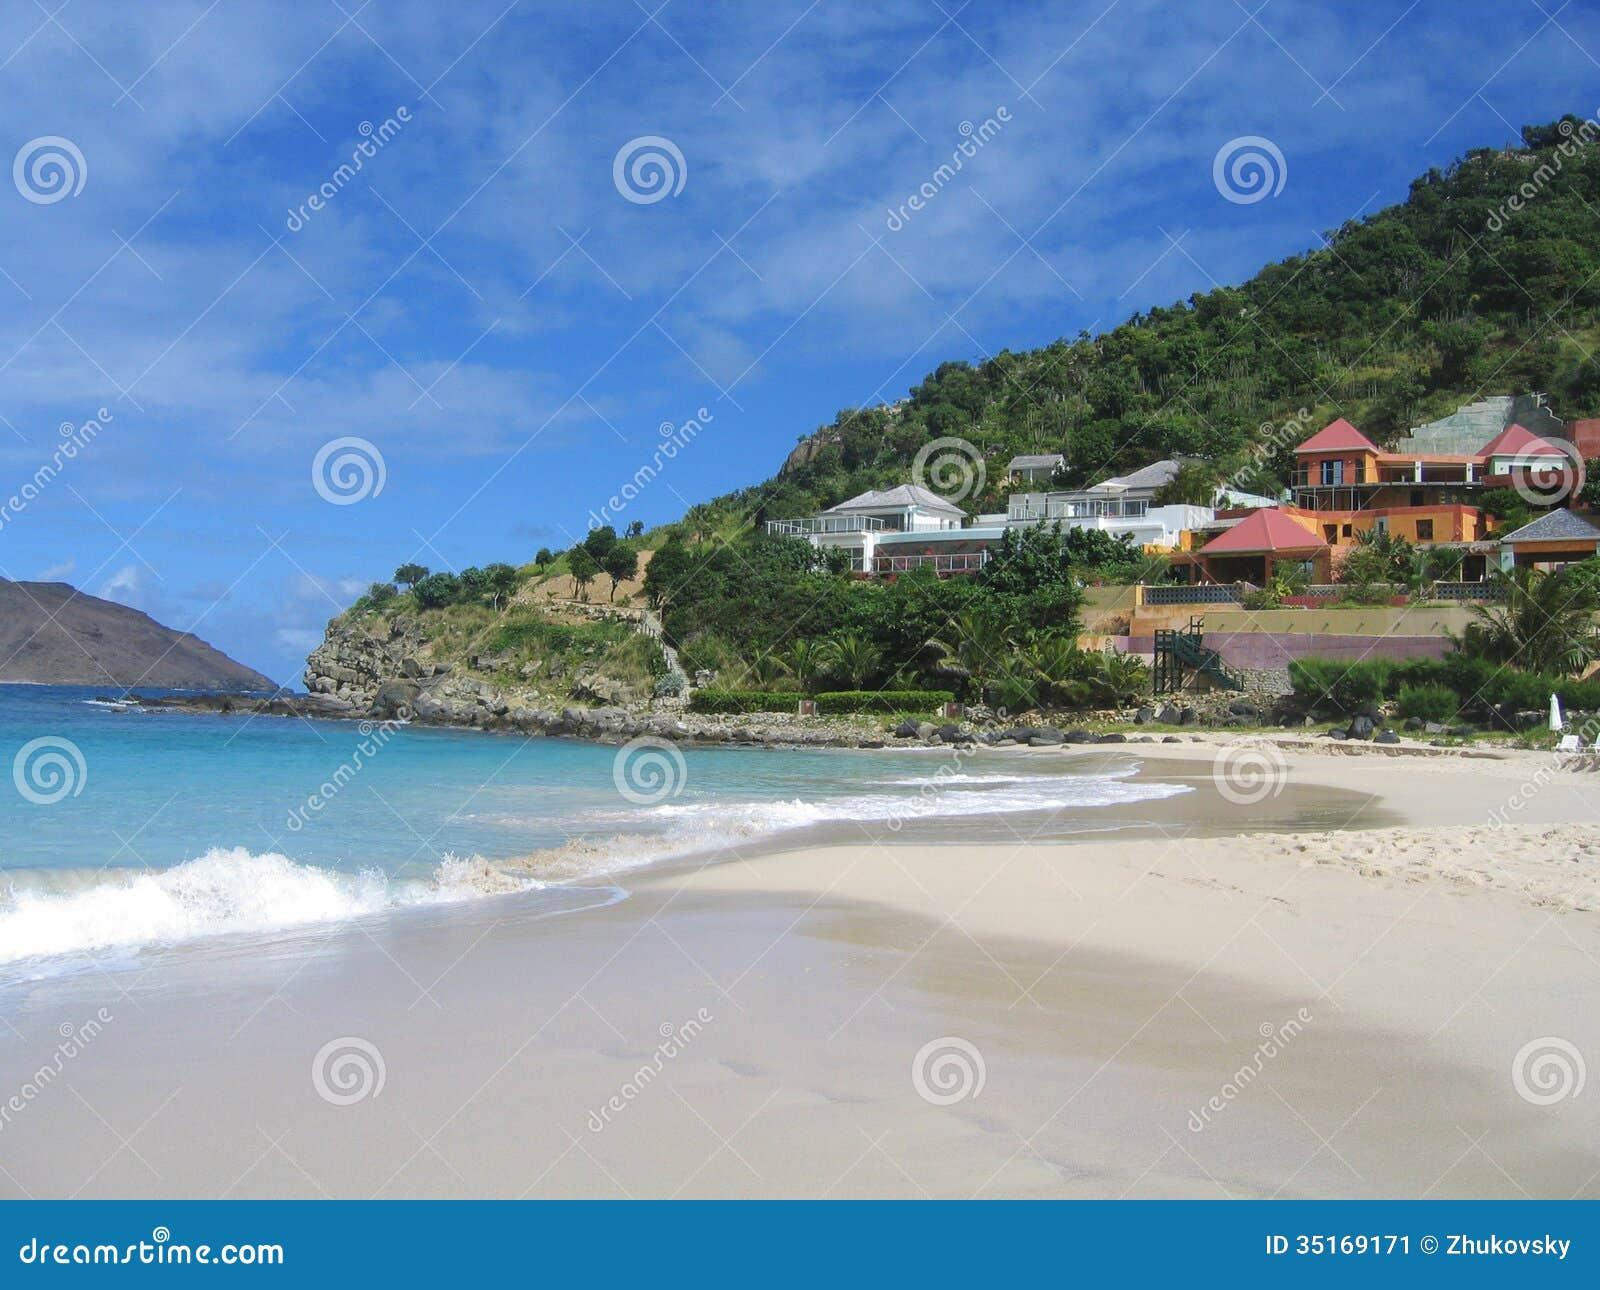 Παραλία Flamands, ψαρονέτη του ST, γαλλικές Δυτικές Ινδίες